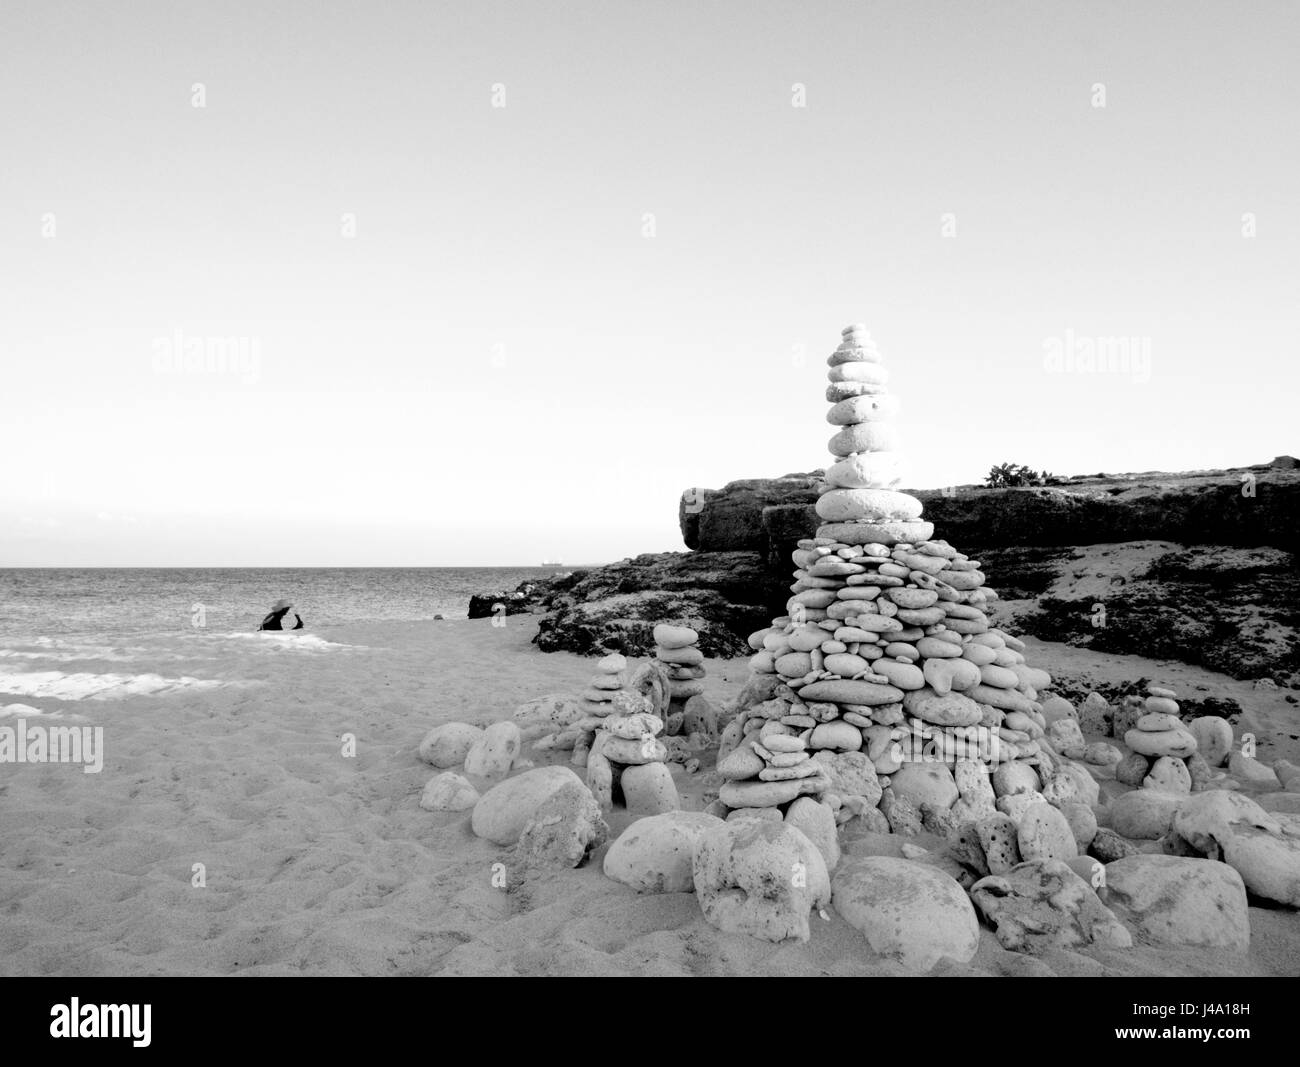 Una hermosa pieza de arte, tomada en blanco y negro de piedra colocar la pila en la parte superior de la arena en isla, Tambobong Baranggay Colibra, Dasol, Pangasinan. Foto de stock